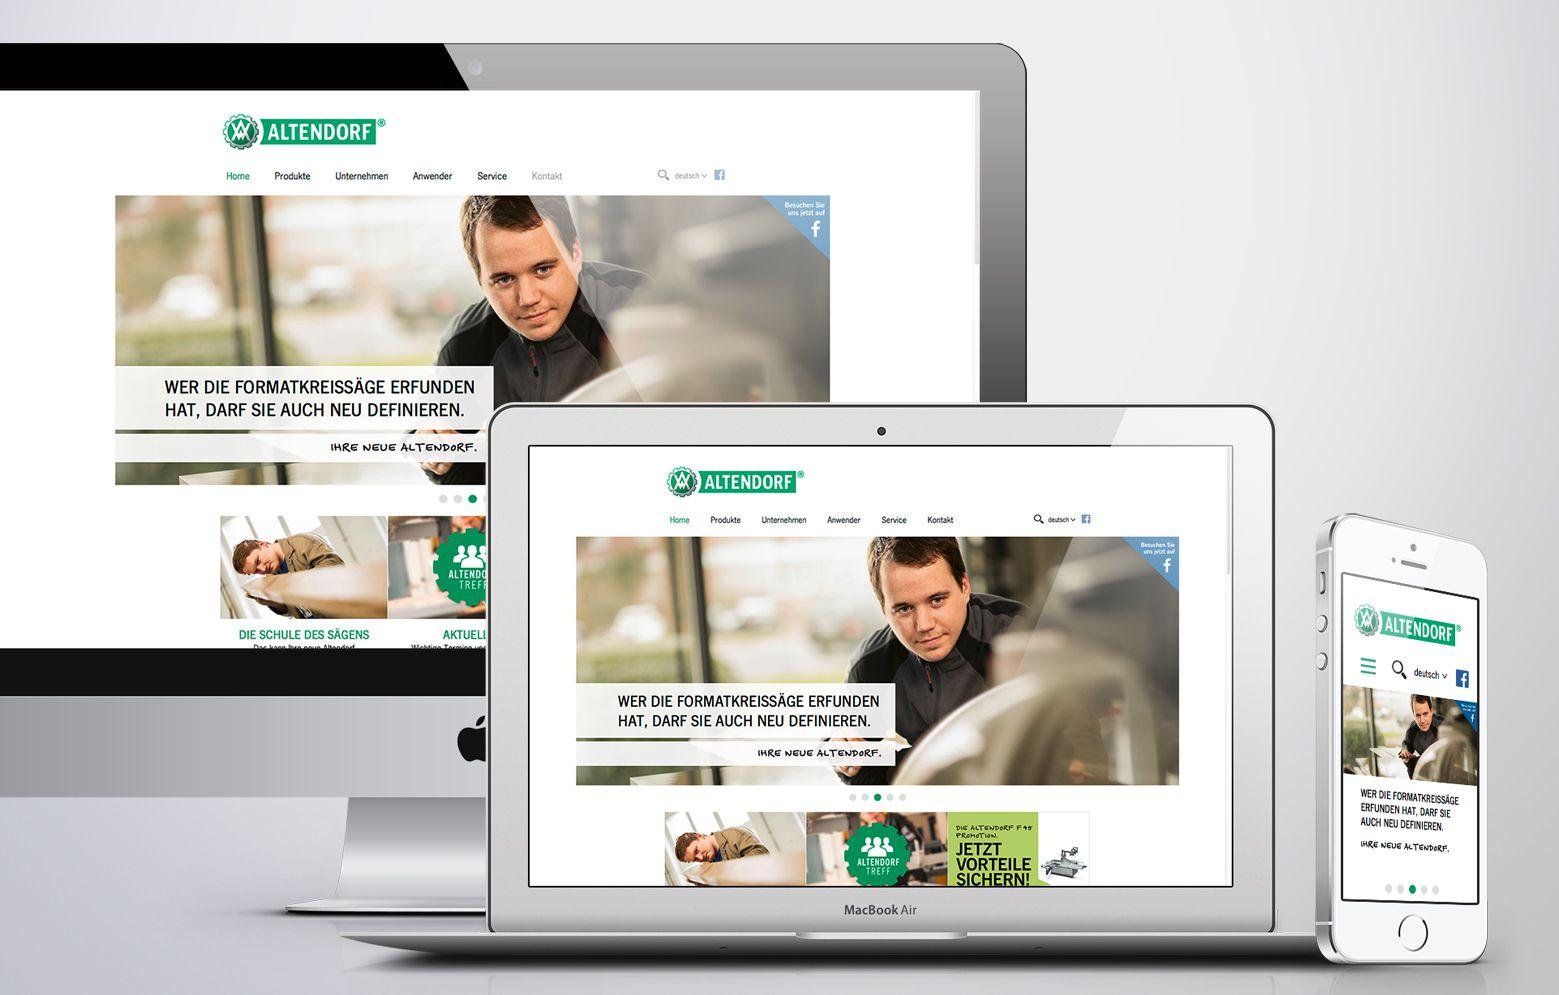 Screendesign von der Altendorf Unternehmensseite